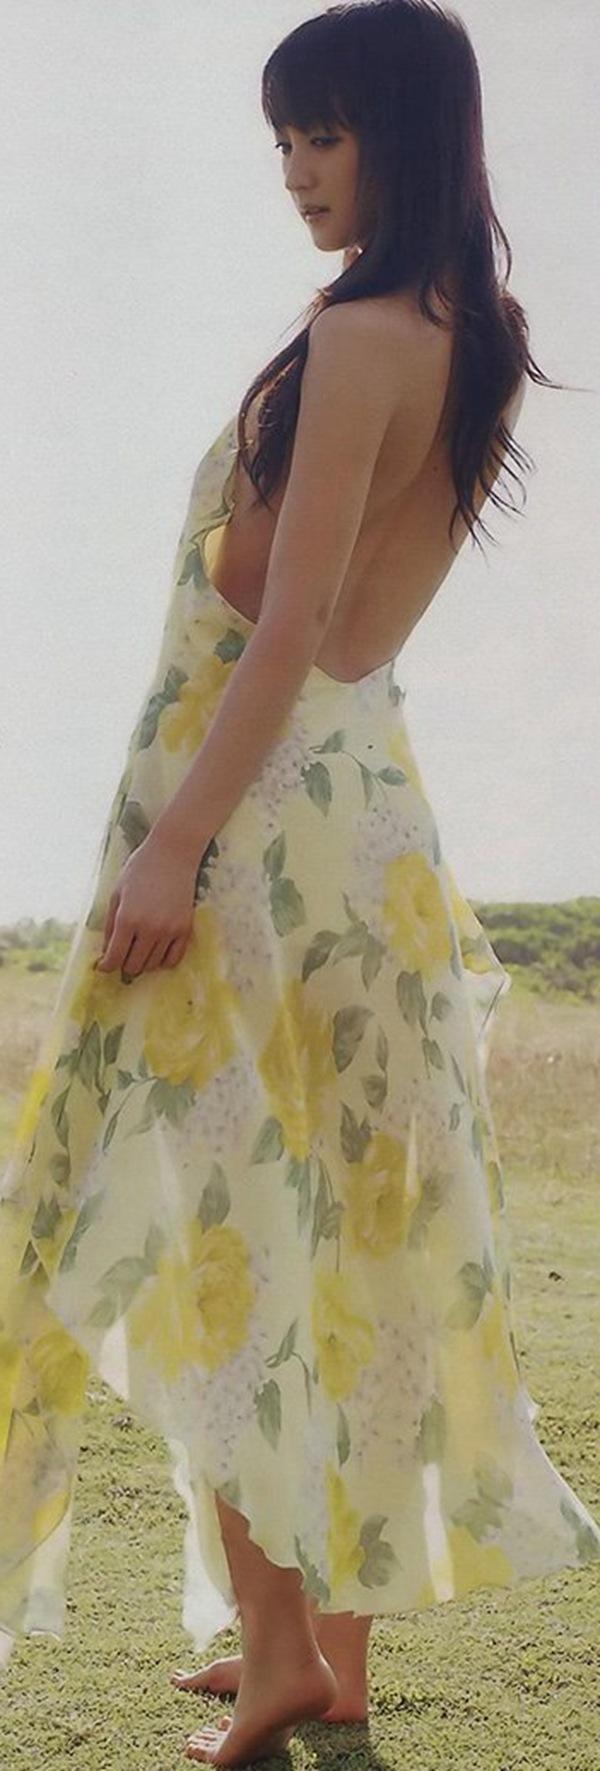 【小松彩夏】